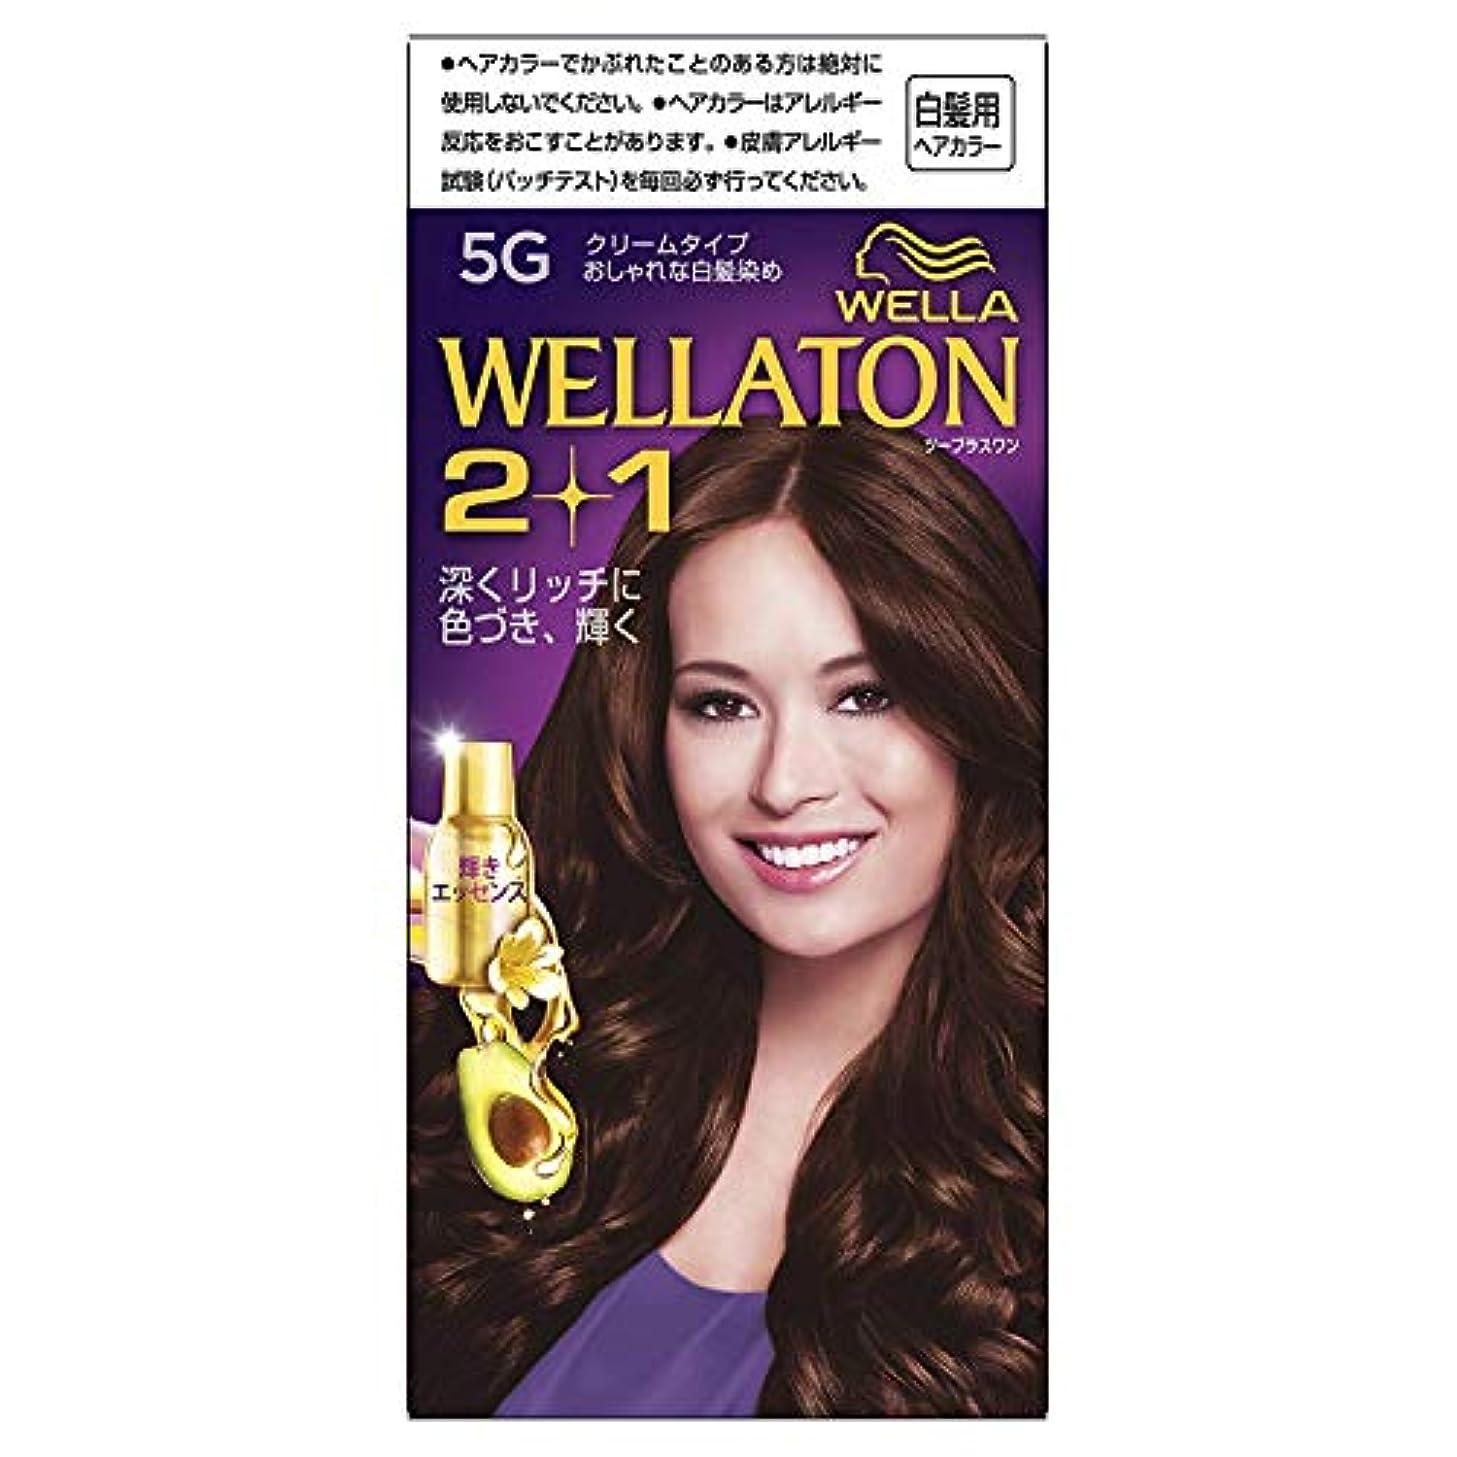 ゴミ意気揚々入り口ウエラトーン2+1 クリームタイプ 5G [医薬部外品] ×3個